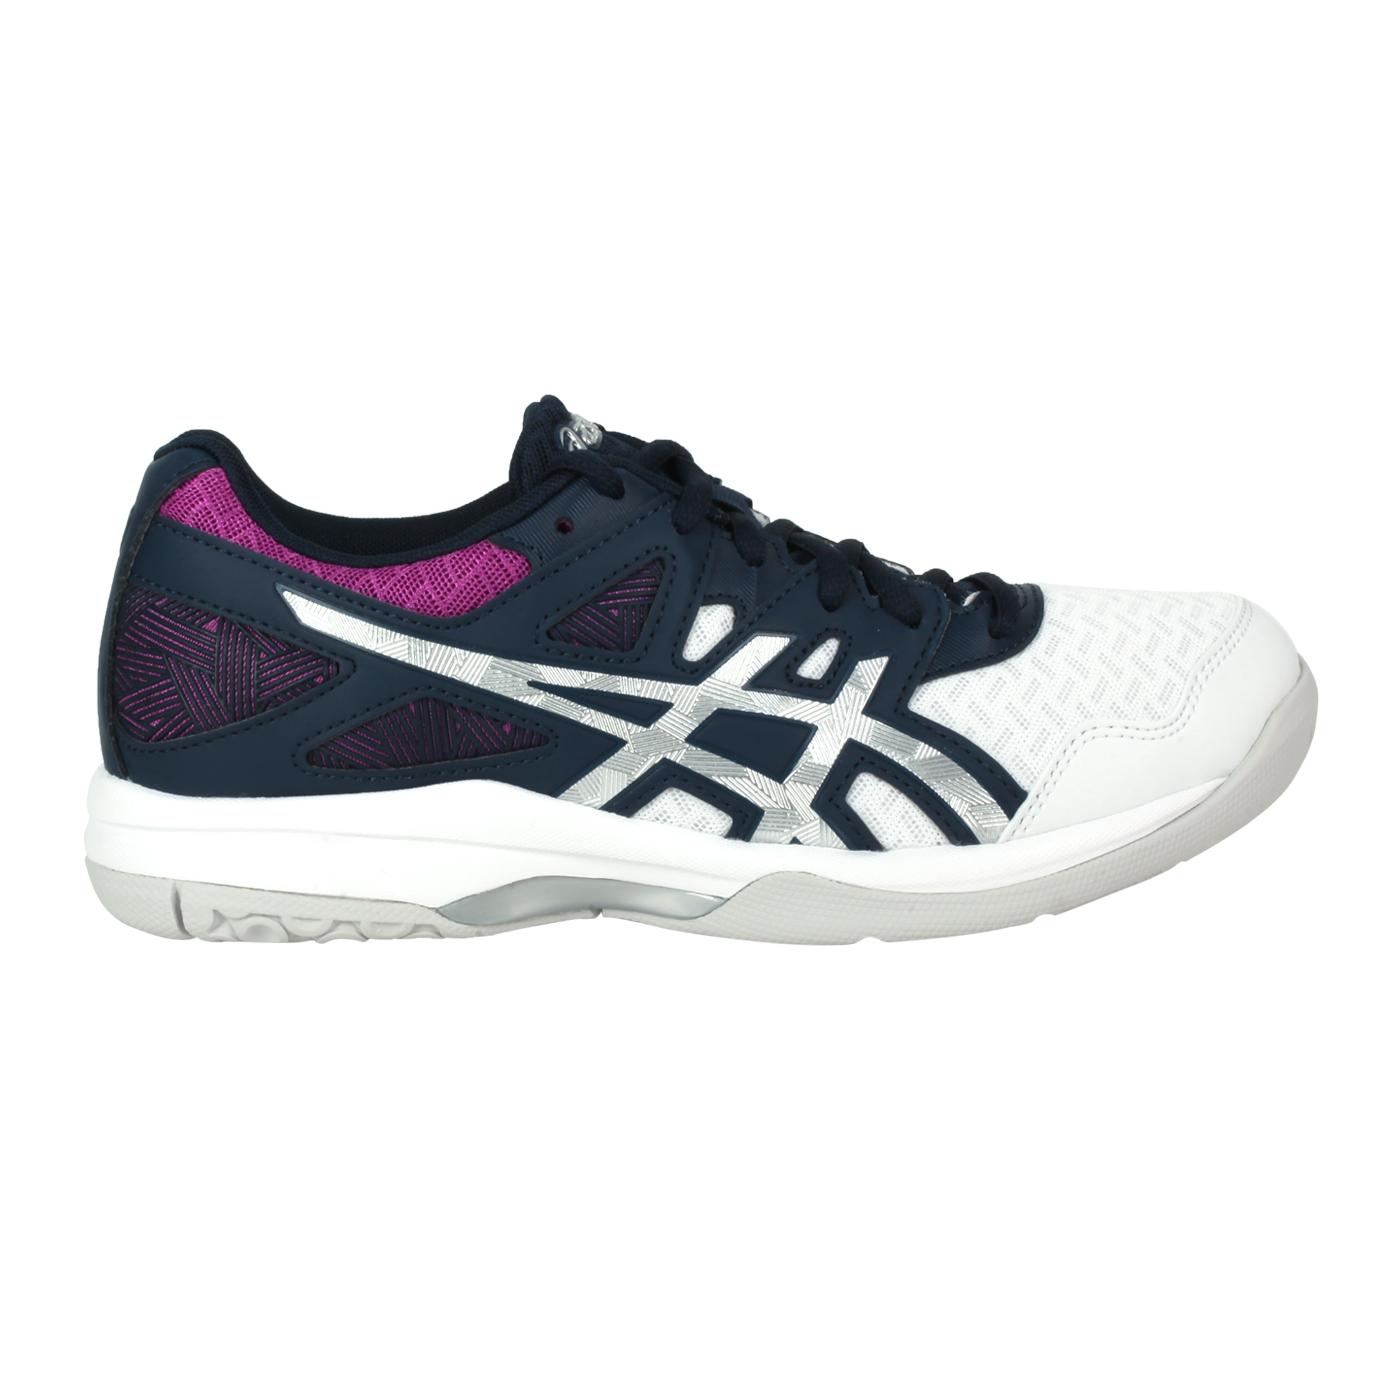 ASICS 女款排羽球鞋  @GEL-TASK 2@1072A038-403